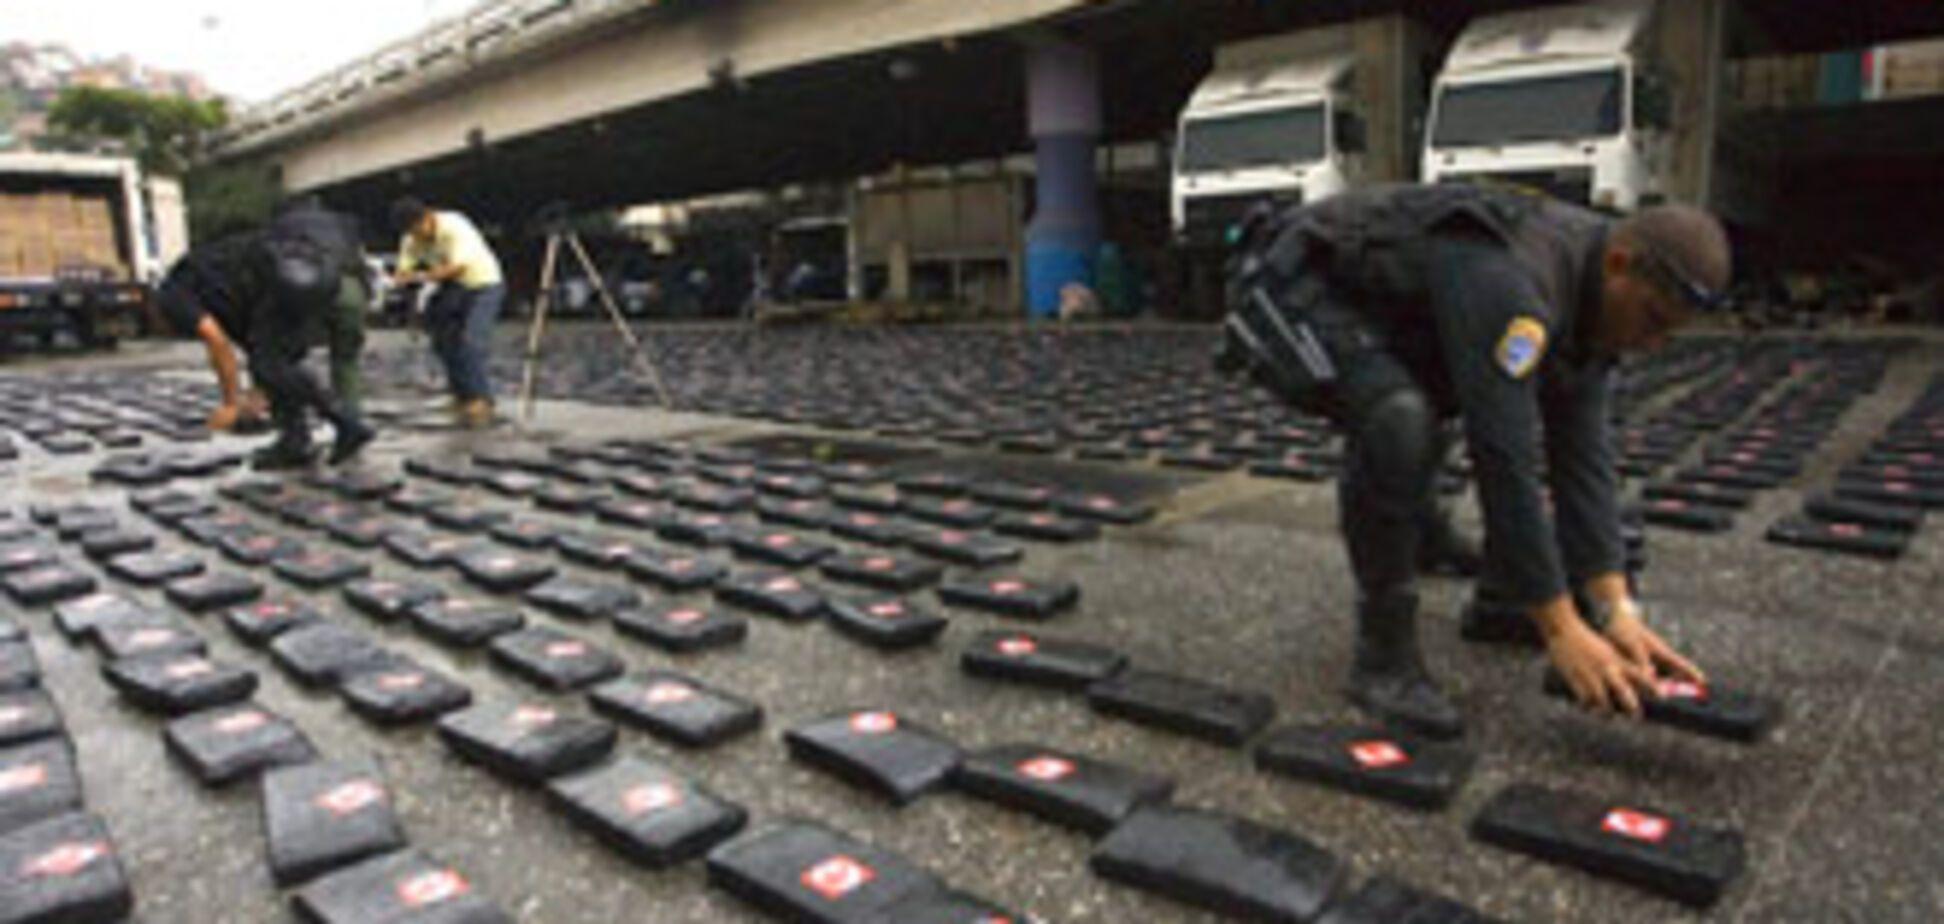 Поліція Колумбії конфіскувала півтори тонни кокаїну